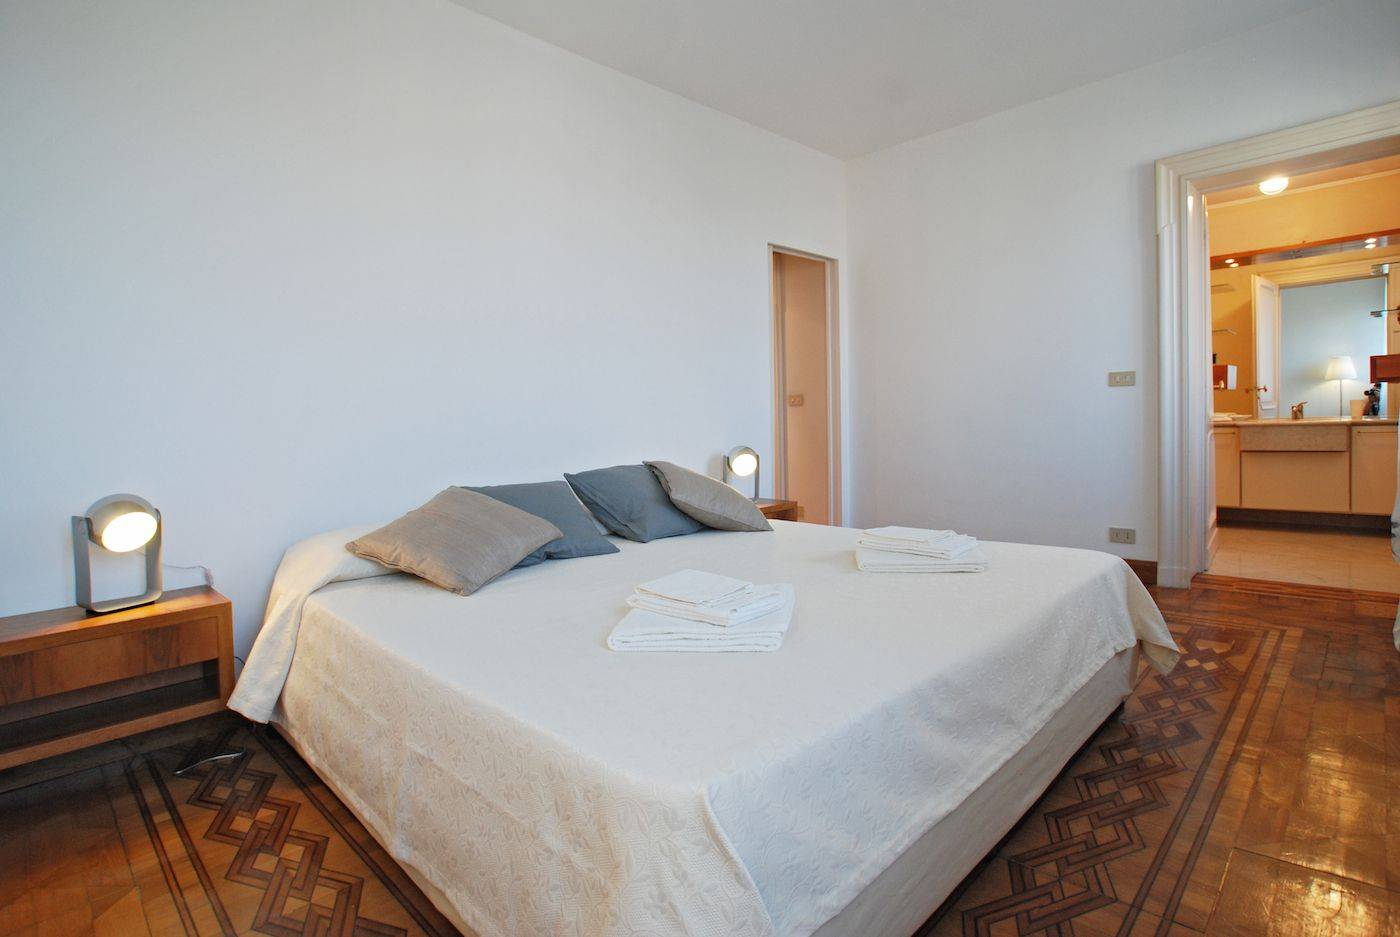 master bedroom with en-suite bathroom and walk-in wardrobe